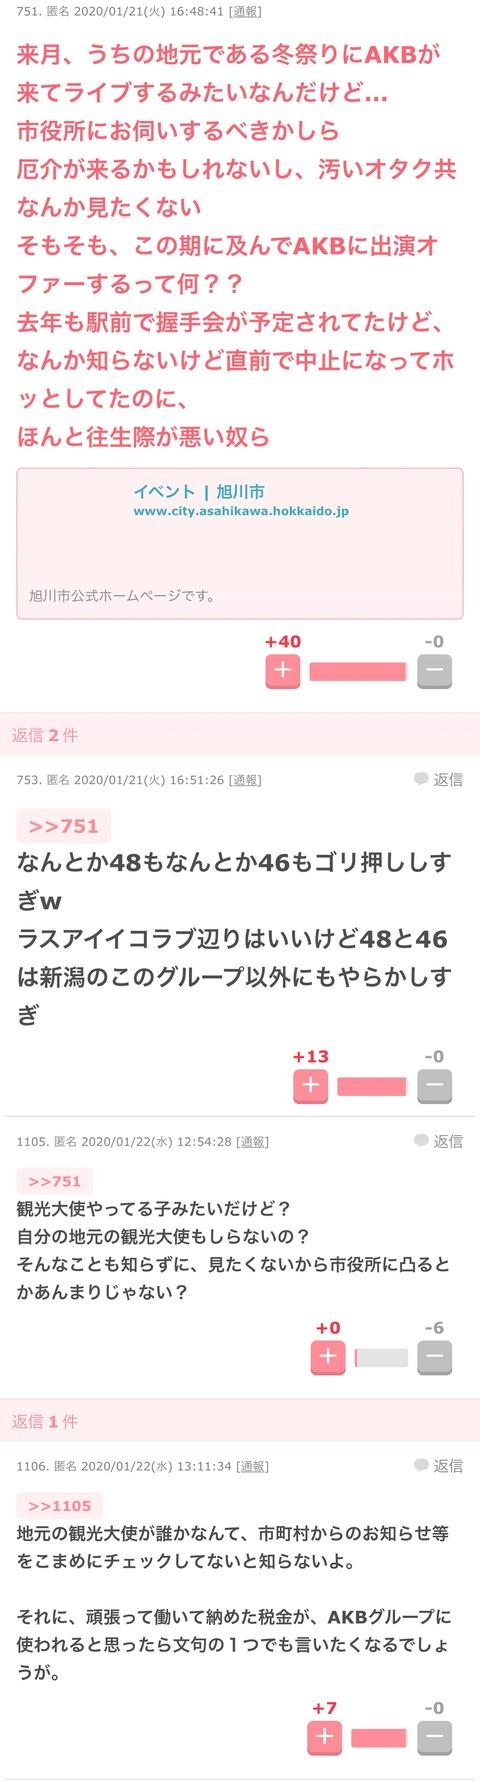 【悲報】AKB48チーム8坂口渚沙がガル民に目を付けられるwww